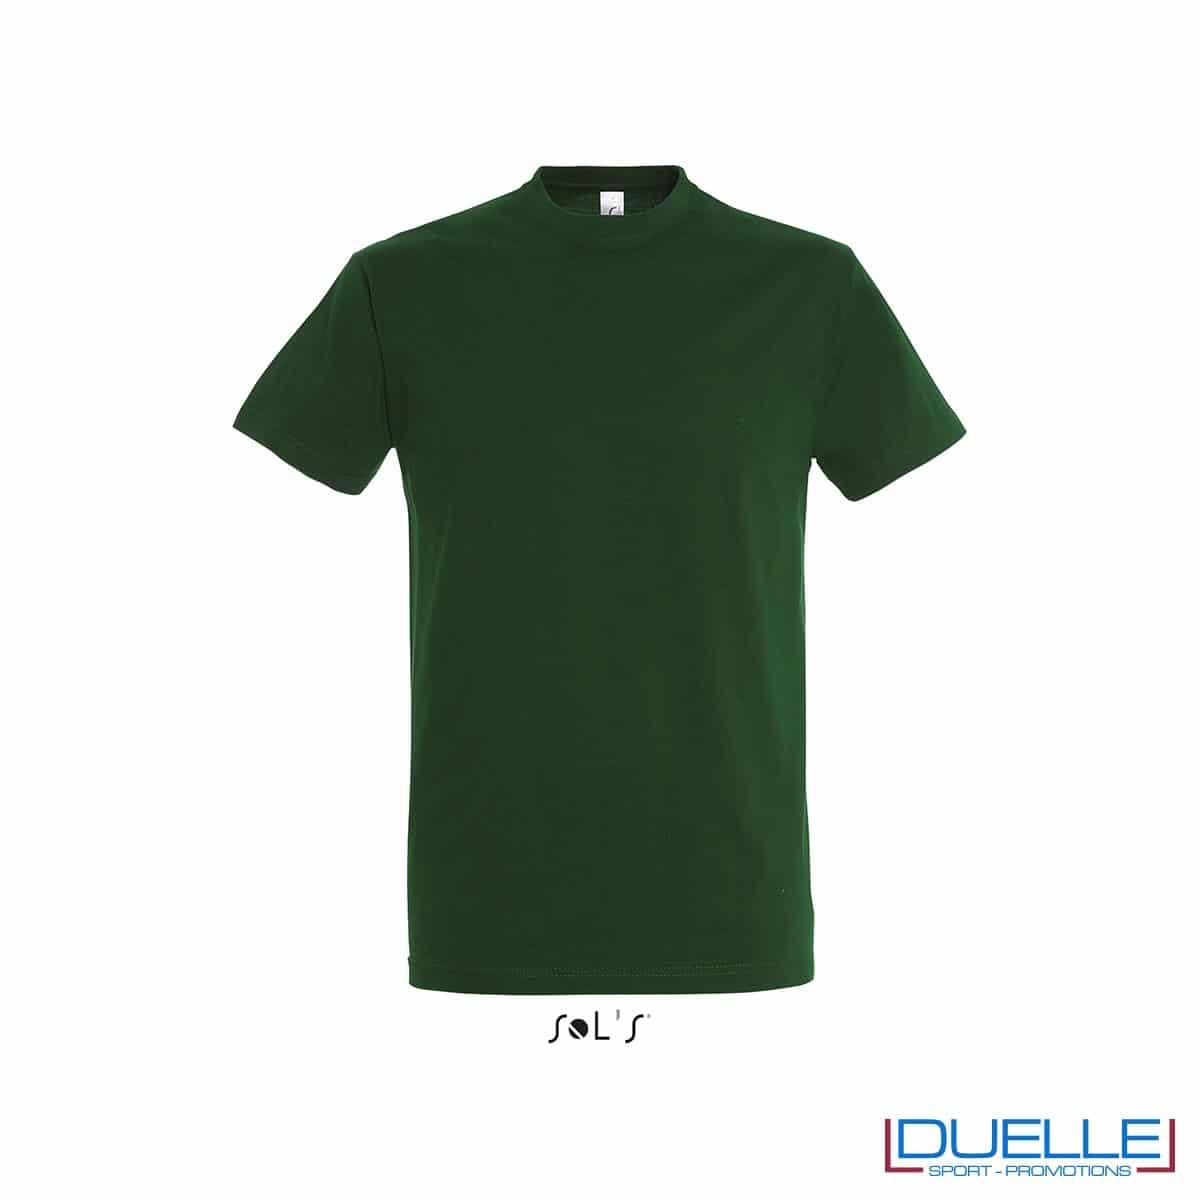 T-shirt promozionale in cotone pesante colore verde bottiglia personalizzata con ricamo o stampa